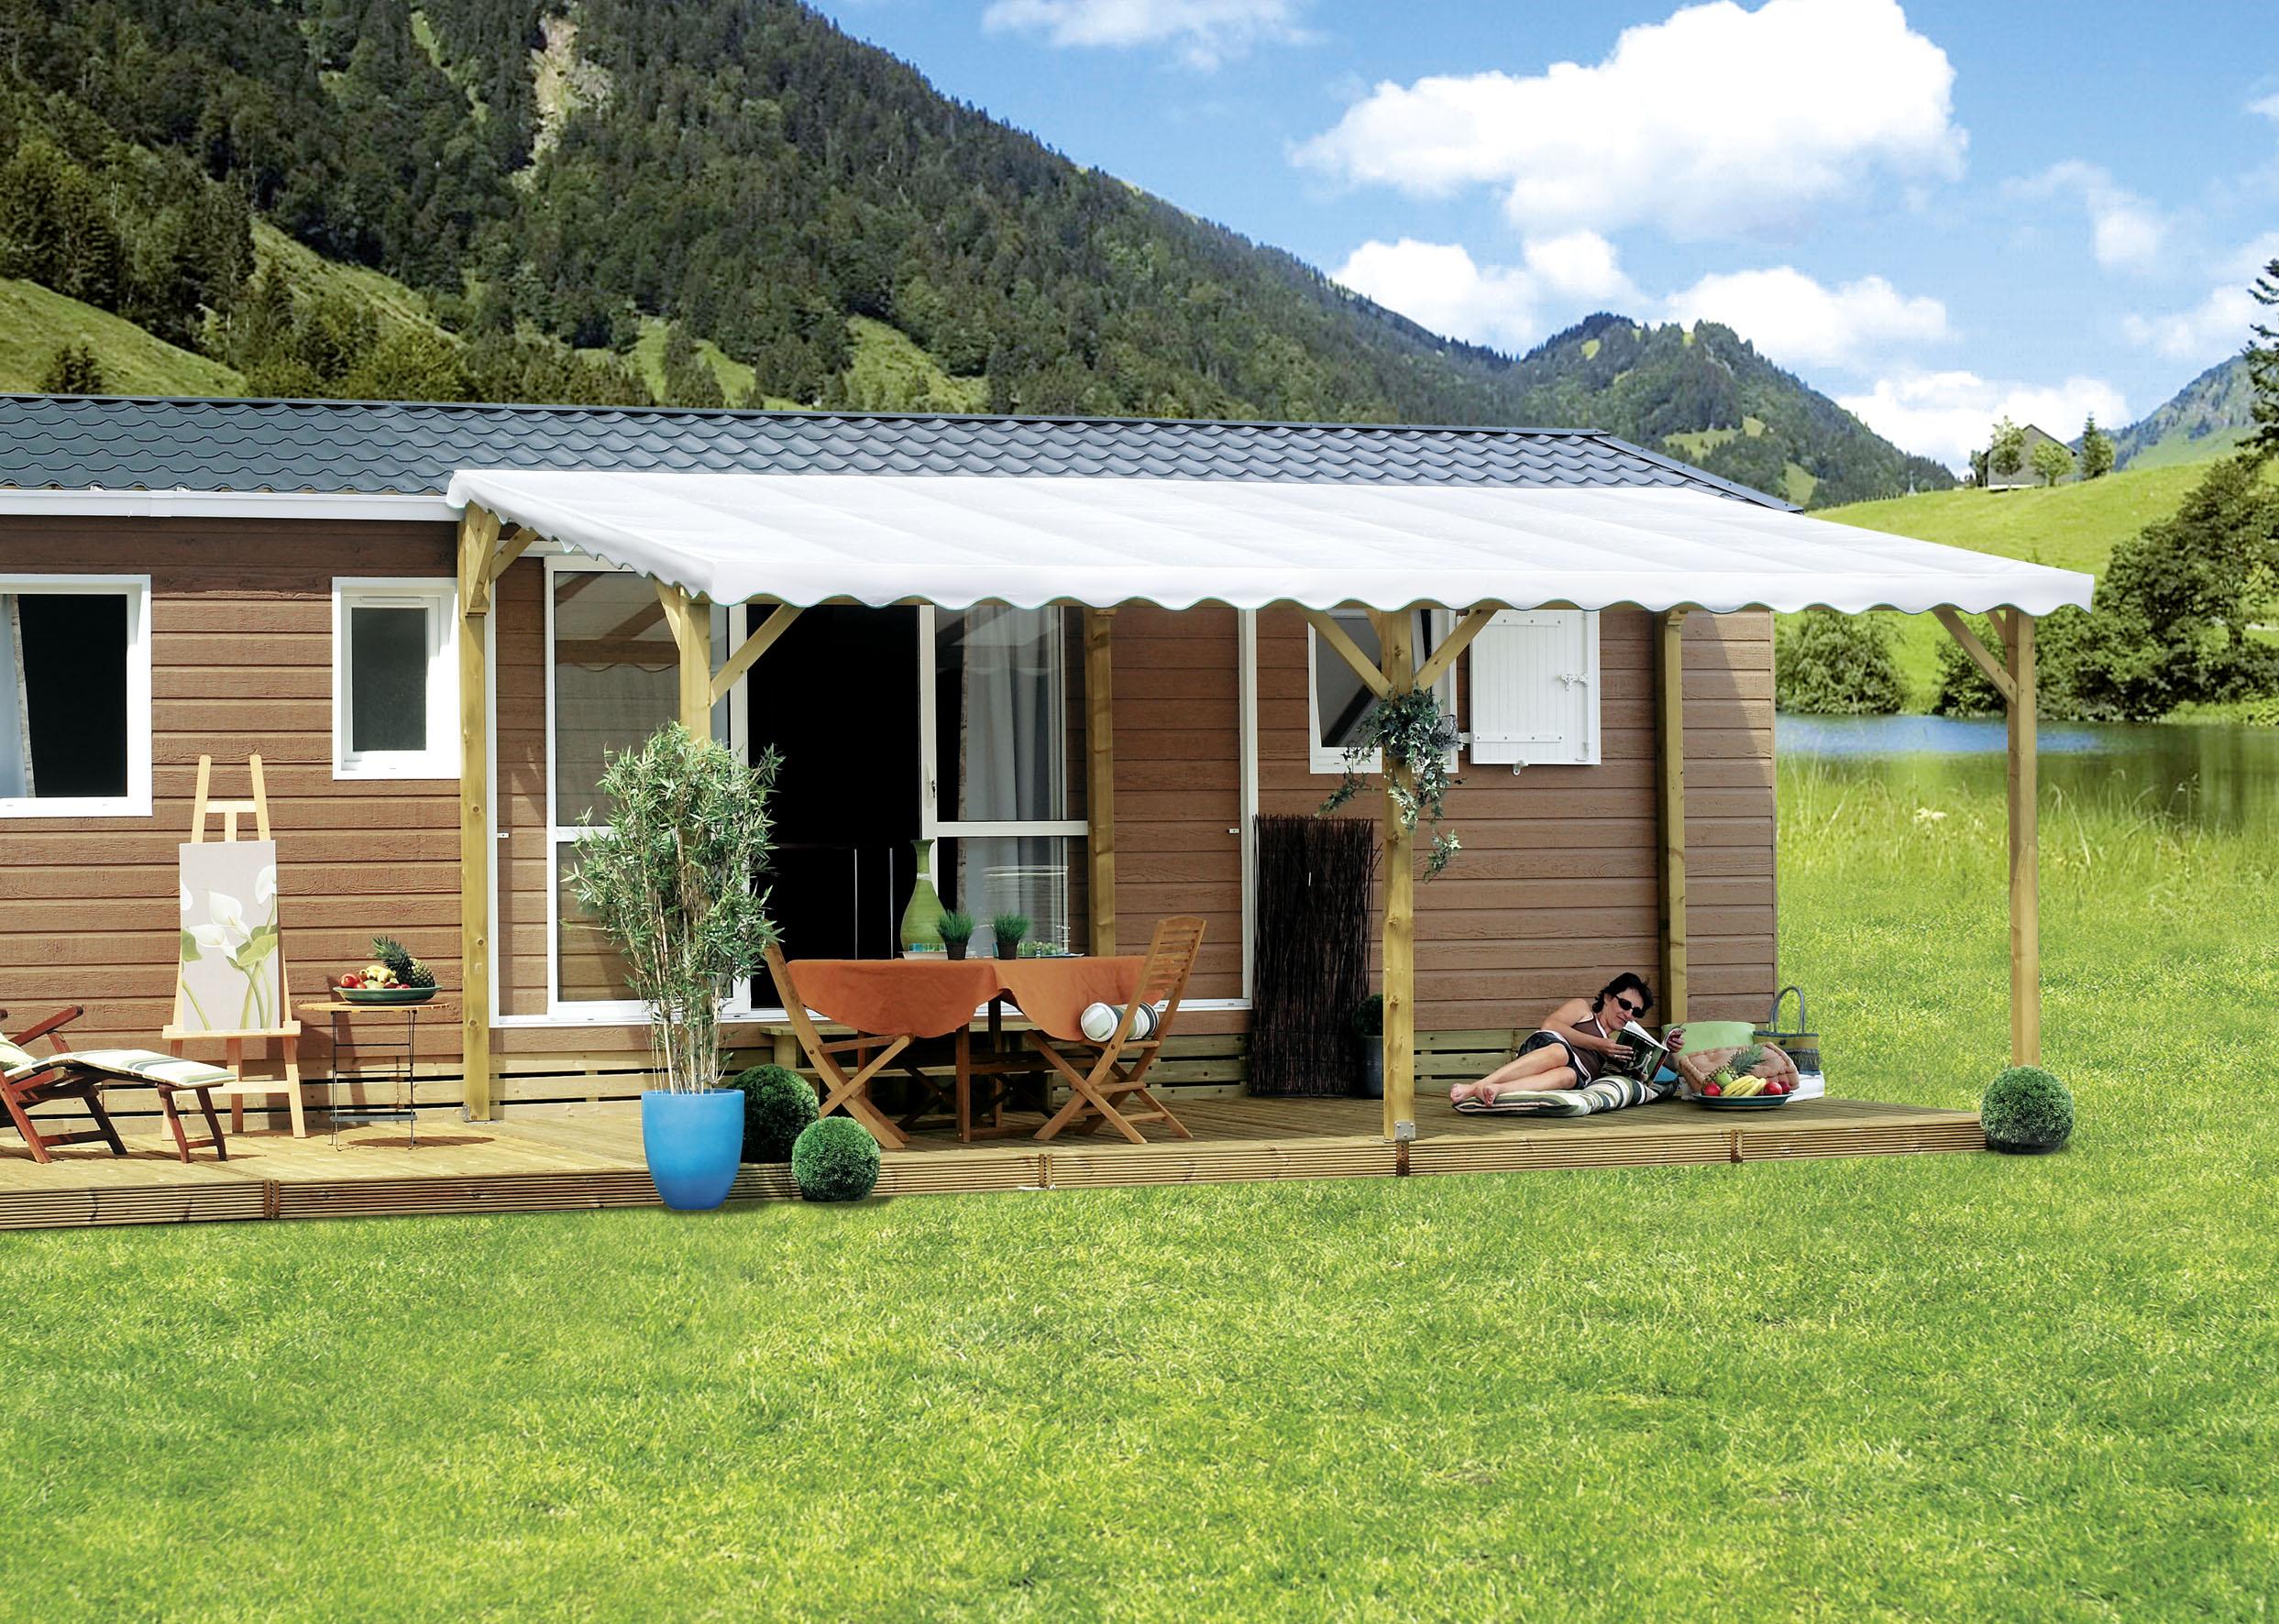 b che toit terrasse mobil home vente terrasse b che terrasse. Black Bedroom Furniture Sets. Home Design Ideas